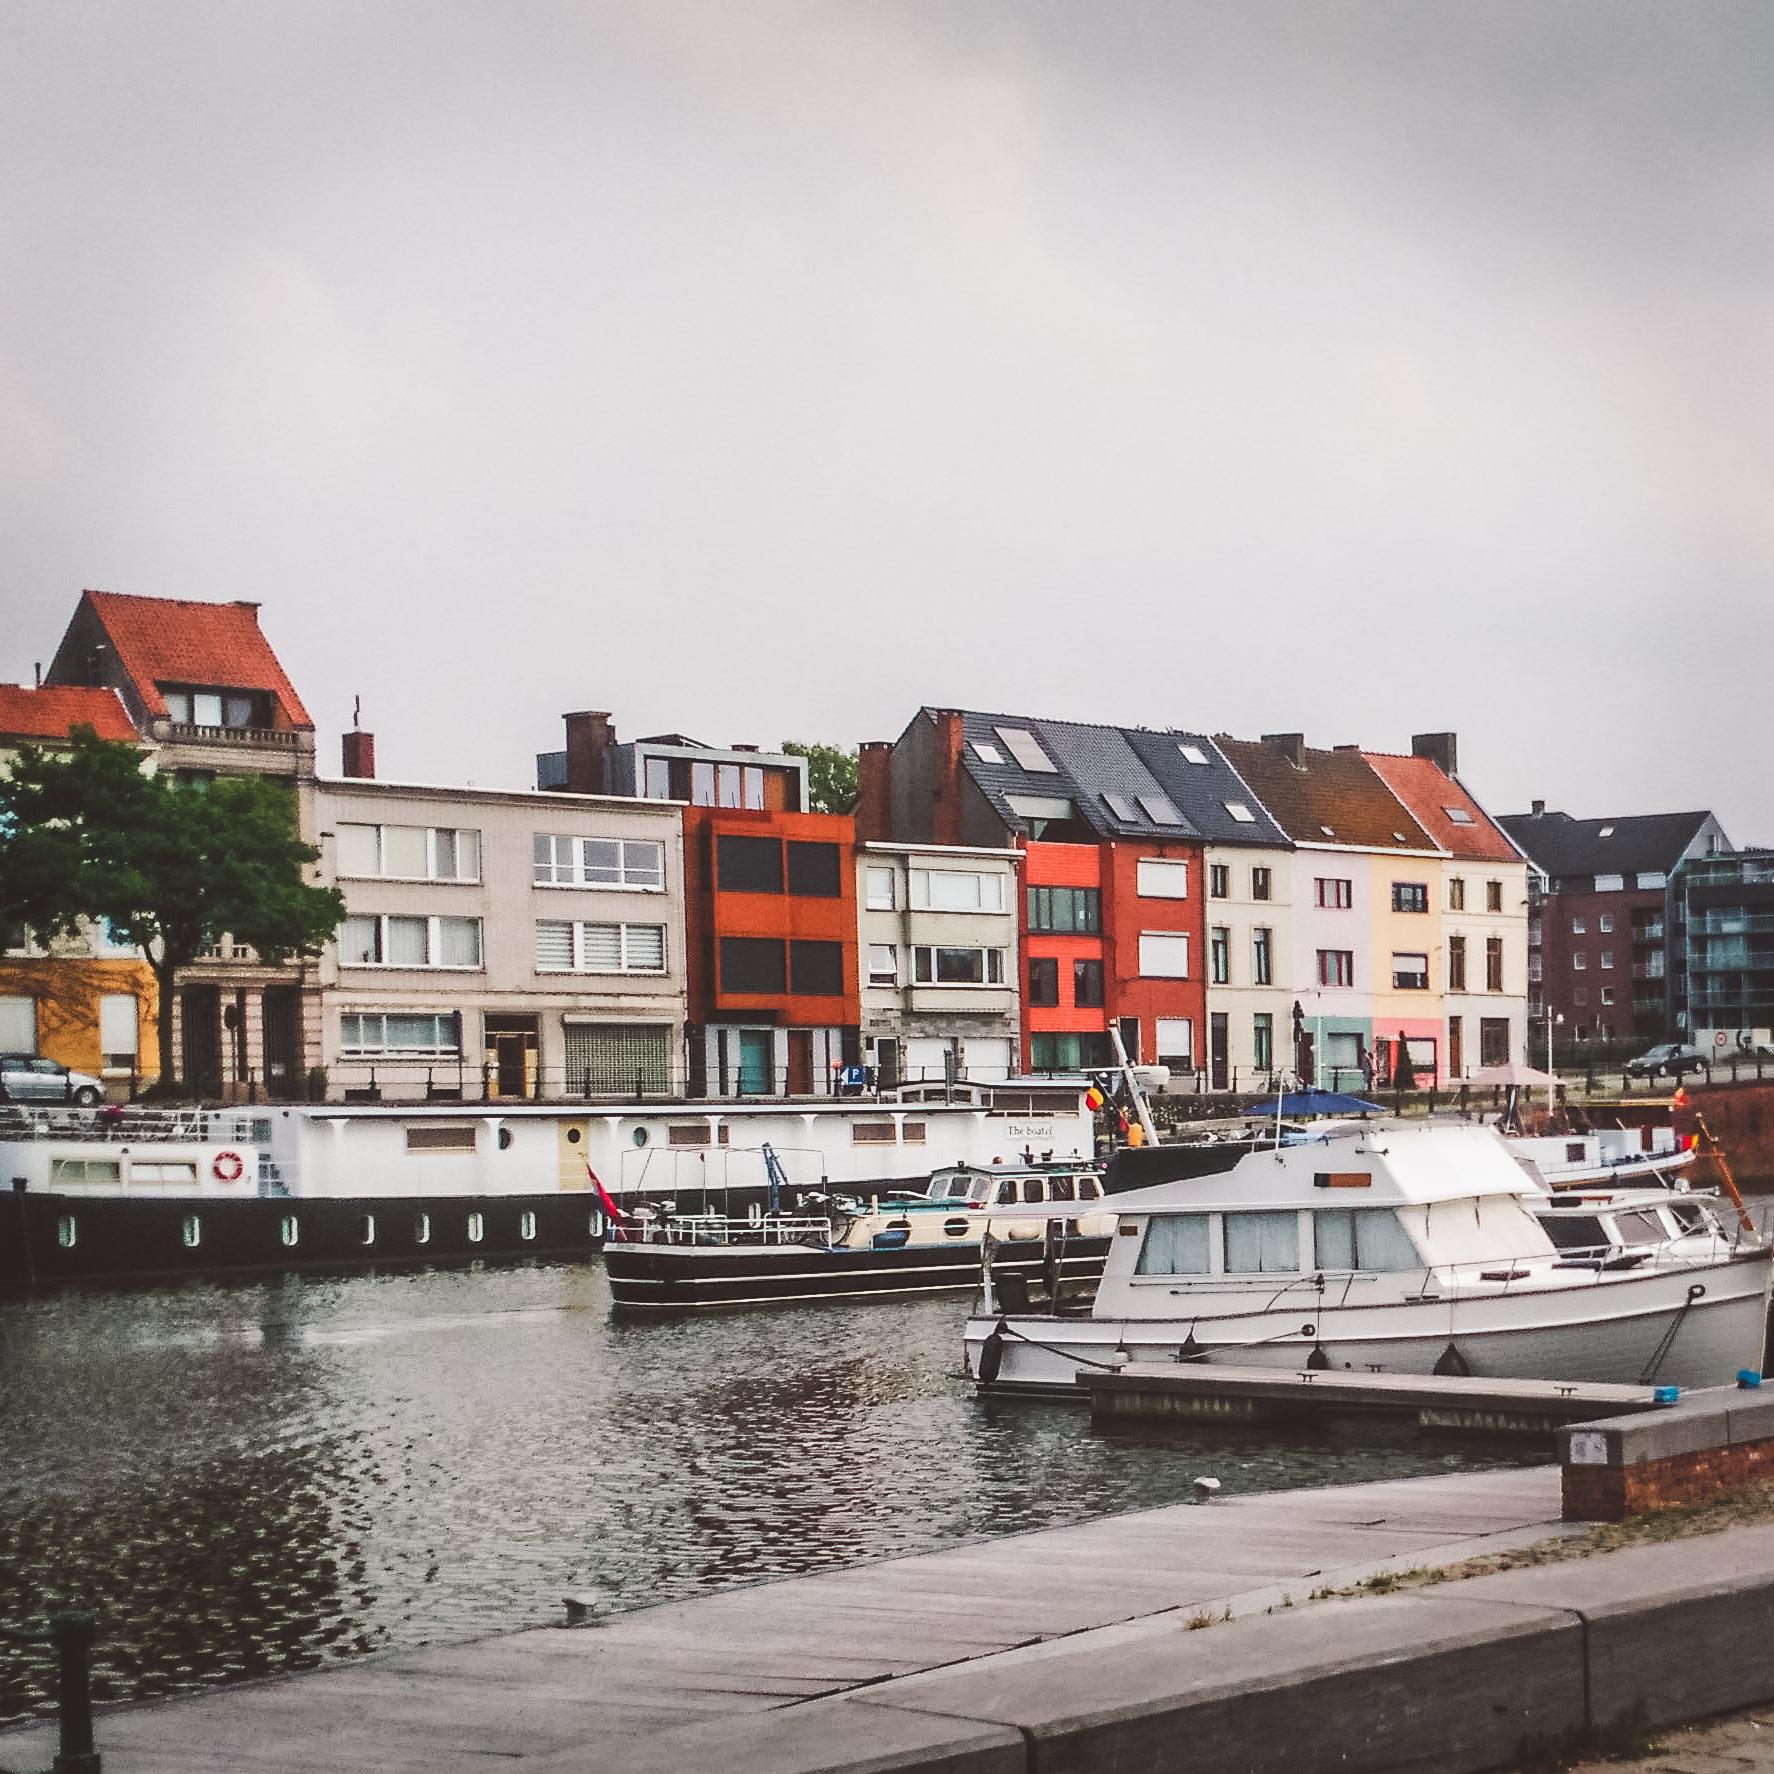 expat,Gent, Belgium, boats, harbour, haven, water